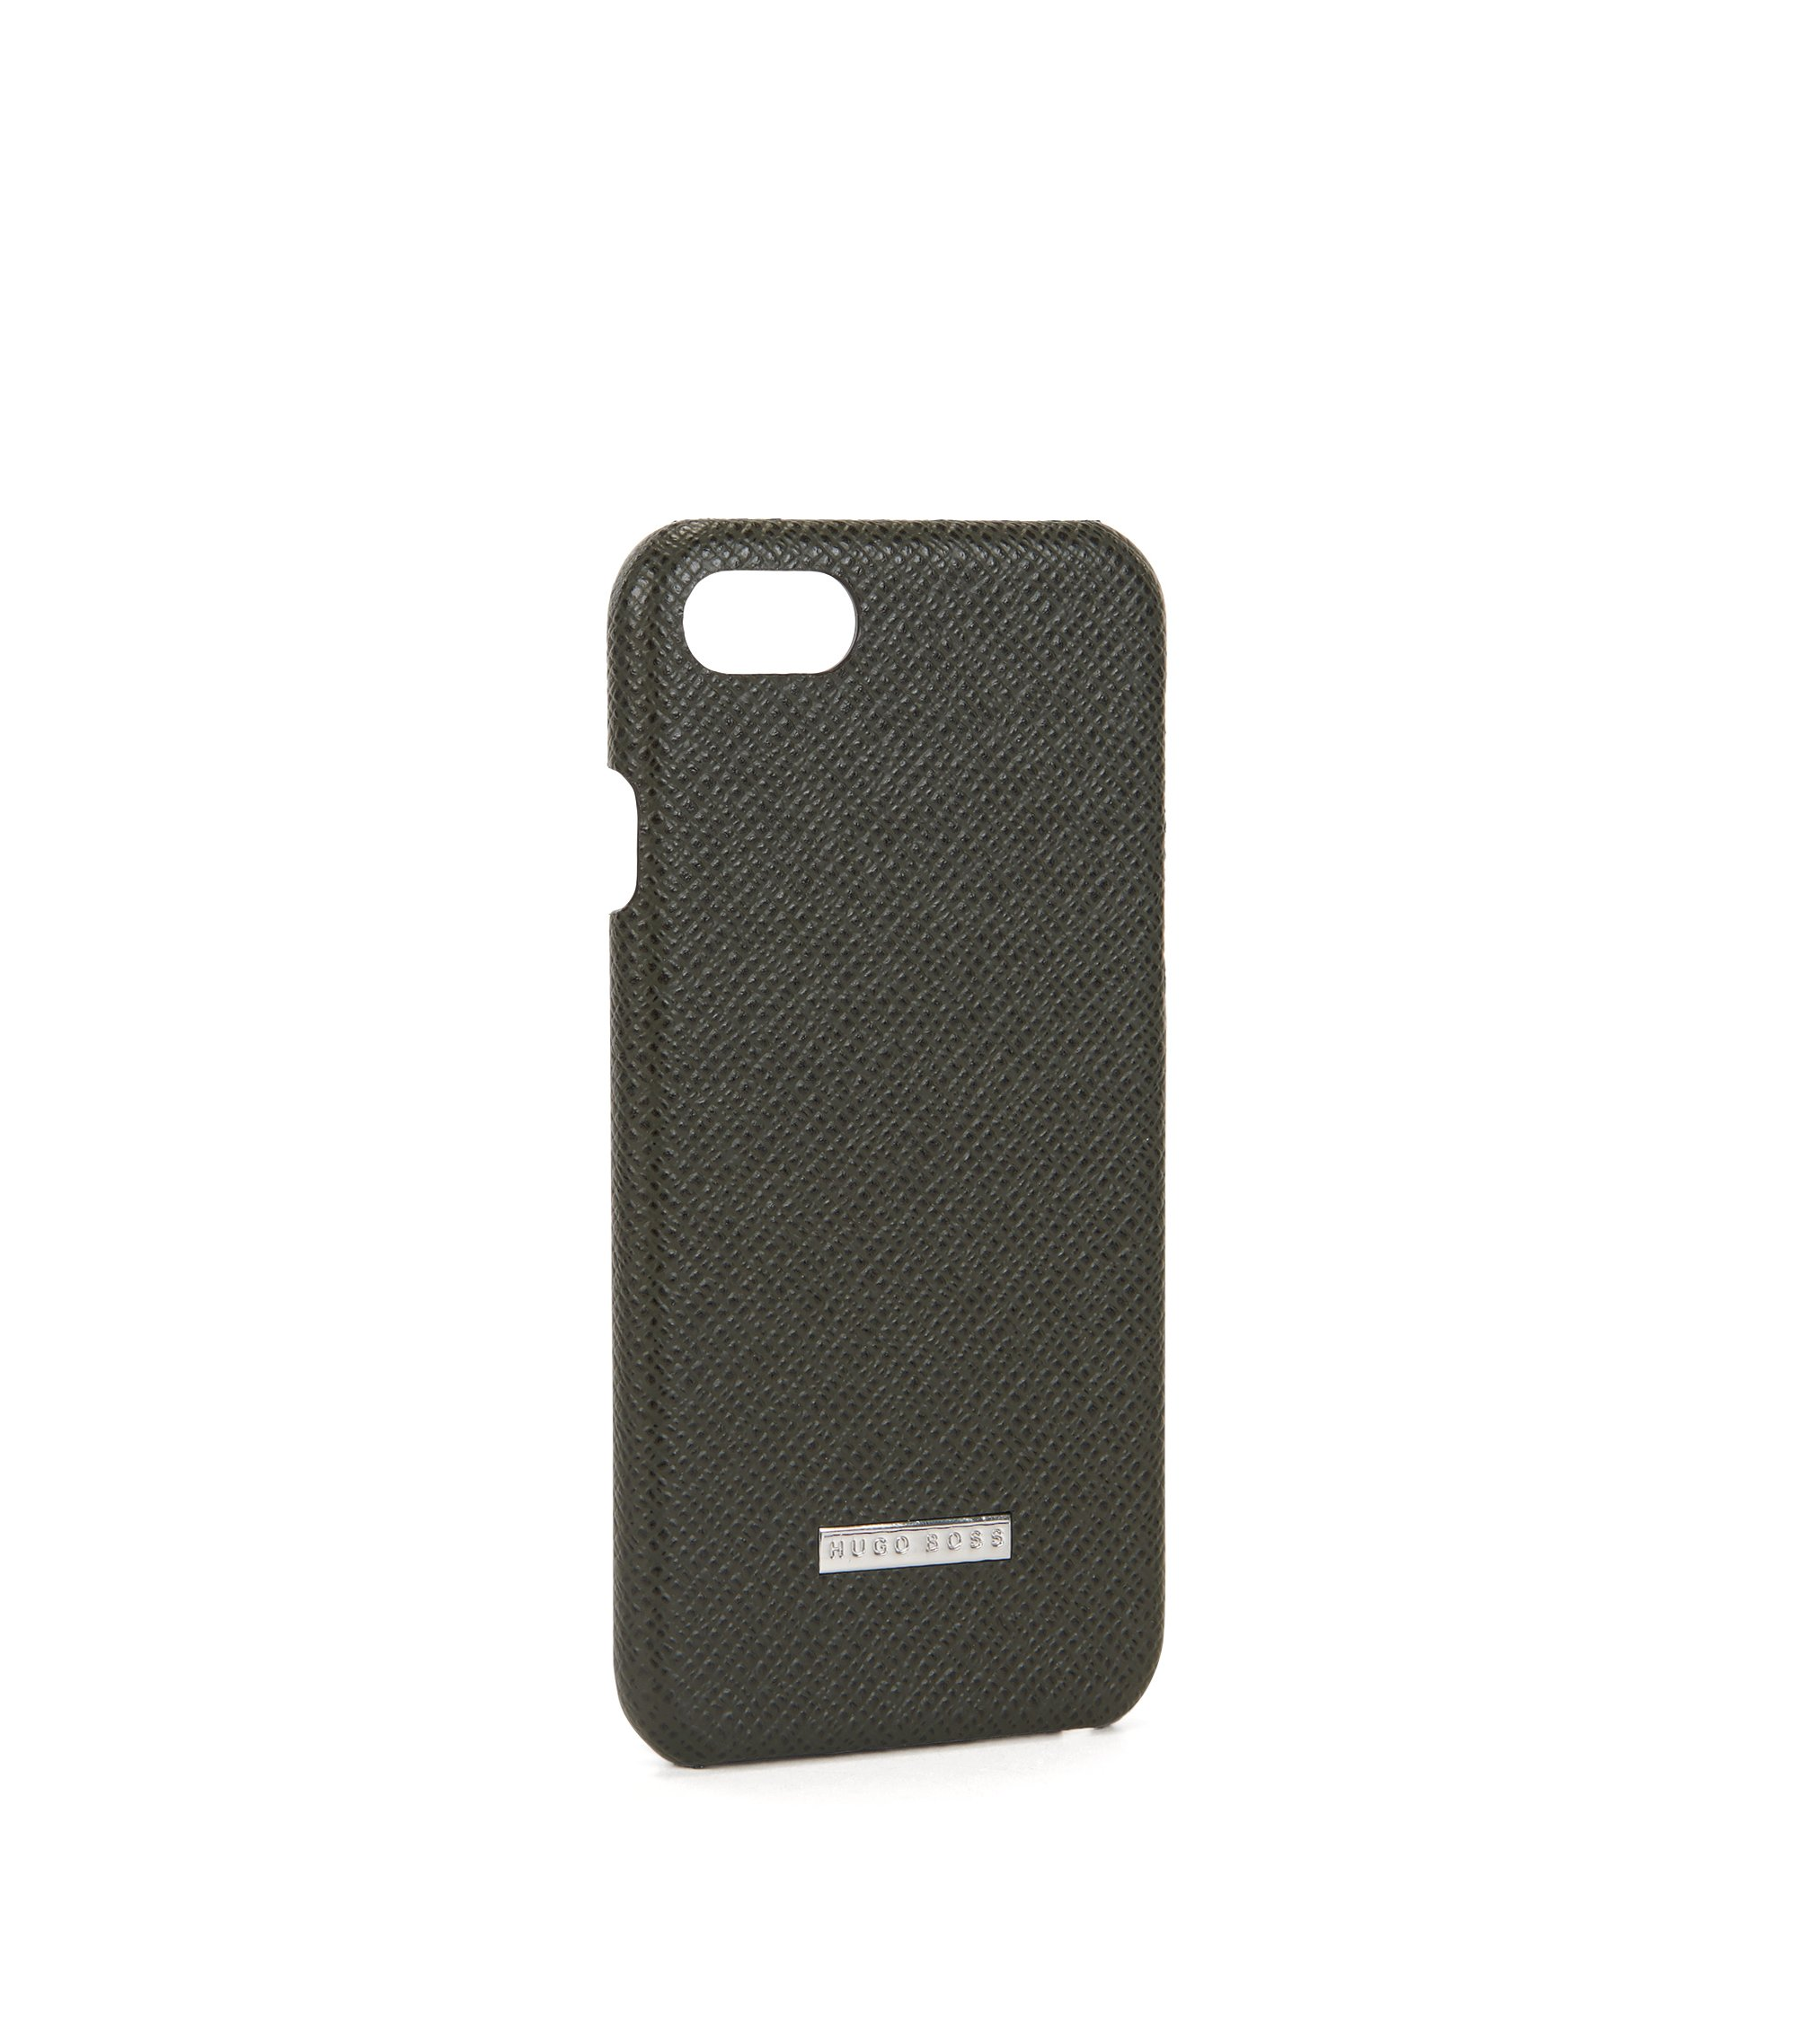 Embossed leather iPhone 7 Case | Signature Phone 7, Dark Green